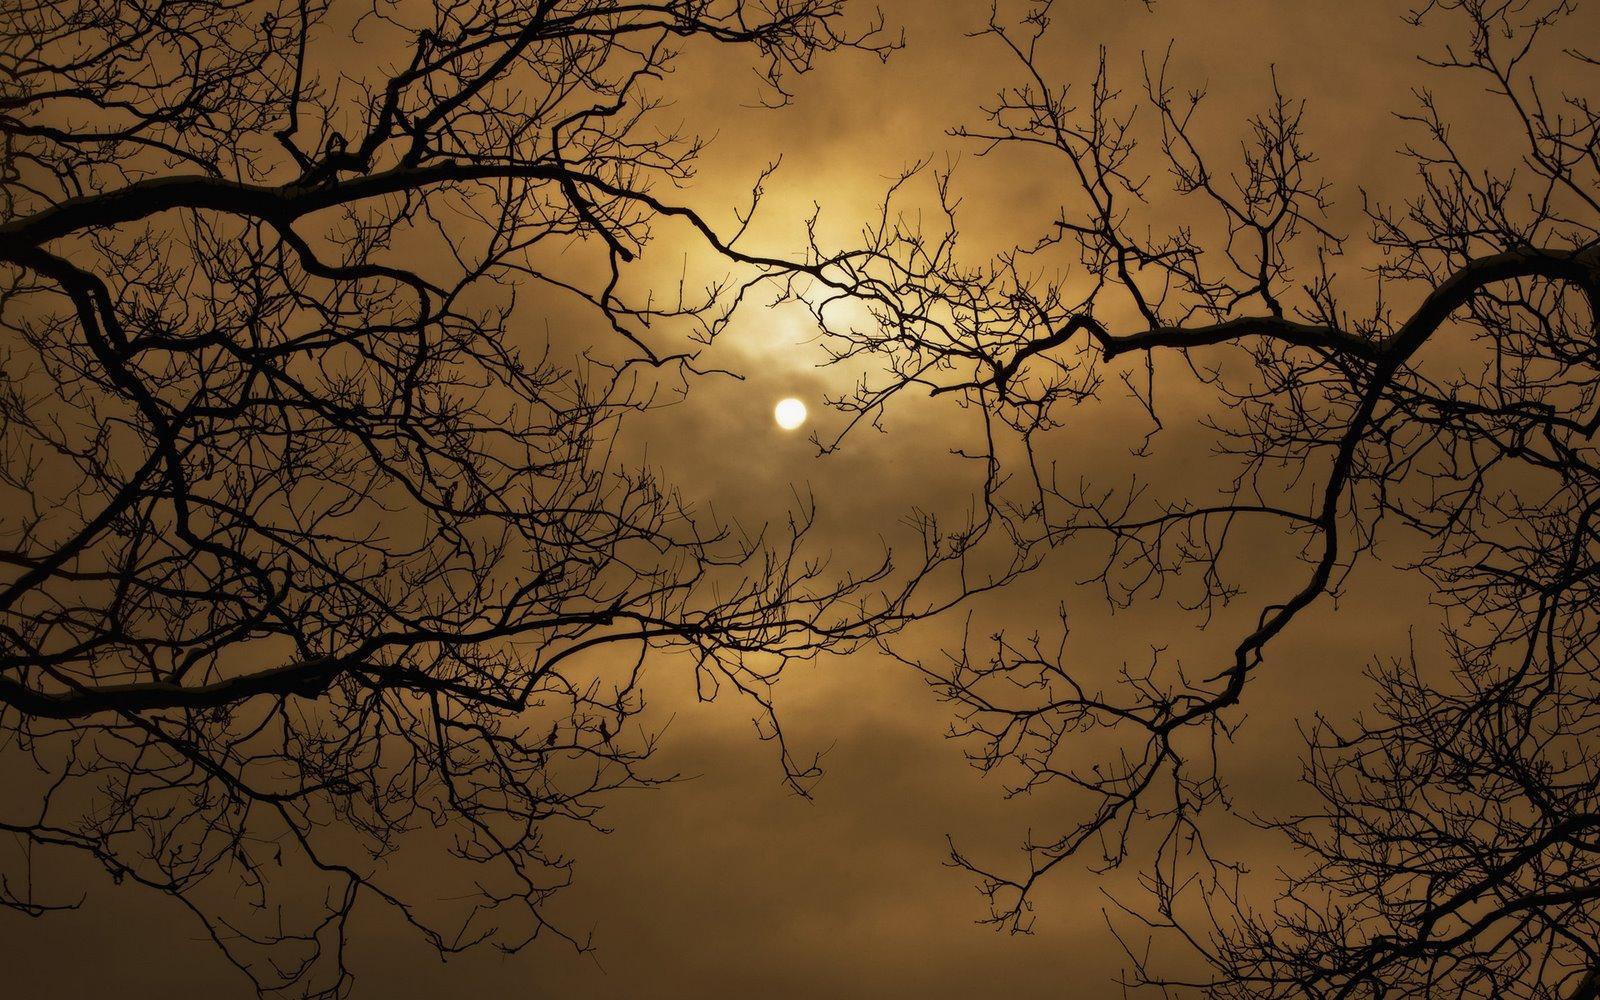 http://1.bp.blogspot.com/_W1ueYt1O3xs/TMvqaQKP2PI/AAAAAAAAW-8/SFg08OzBUxo/d/Halloween+Wallpapers+1920x1200.jpg